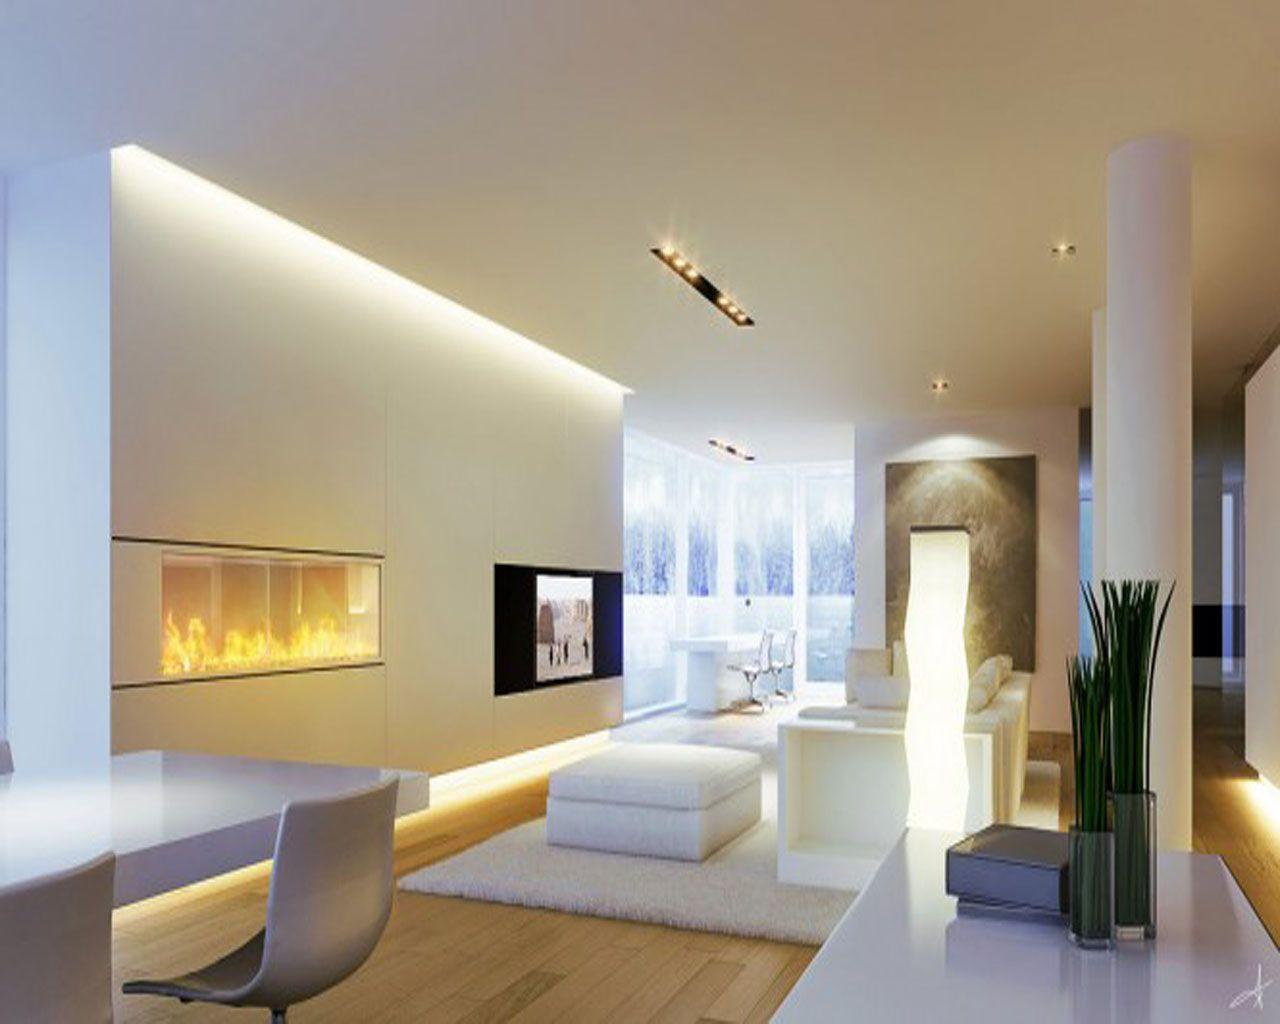 Cool Living Room Accent Lighting Ideas Mit Bildern Led Beleuchtung Wohnzimmer Beleuchtung Wohnzimmer Wohnzimmer Modern